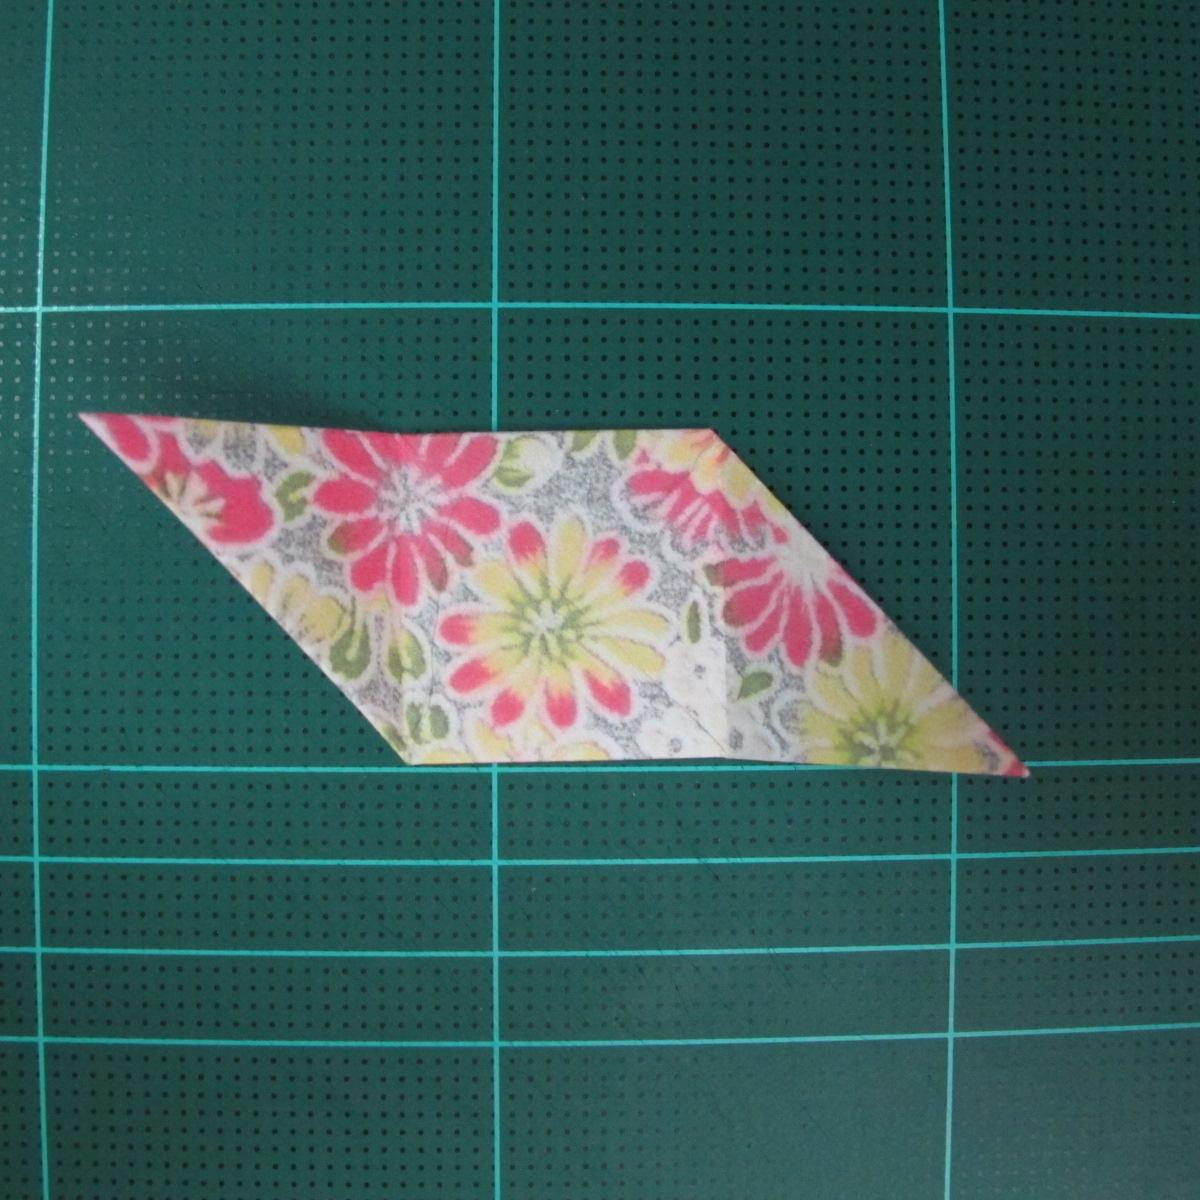 การพับกระดาษเป็นรูปเรขาคณิตทรงลูกบาศก์แบบแยกชิ้นประกอบ (Modular Origami Cube) 016